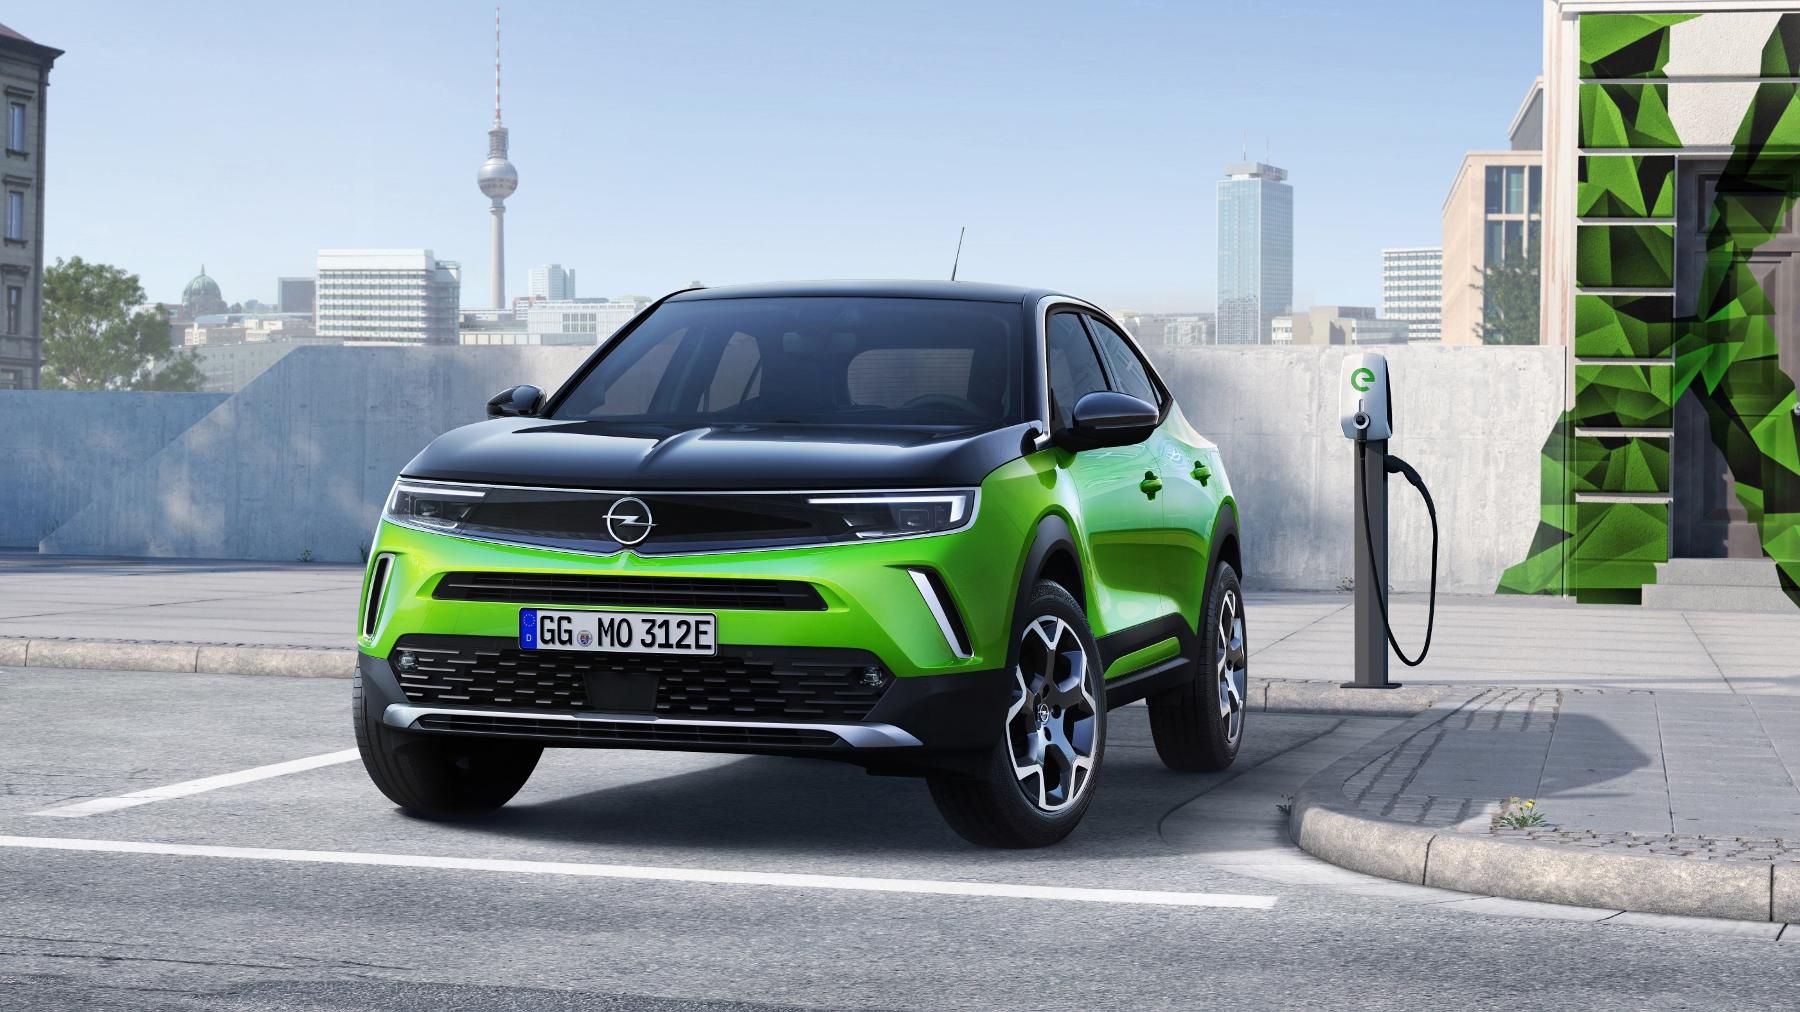 Opel Mokka sa od súrodencov odlíši odvážnym dizajnom 2JTMZWZ0Oy 04-opel-mokka-e-512167-1800x1012